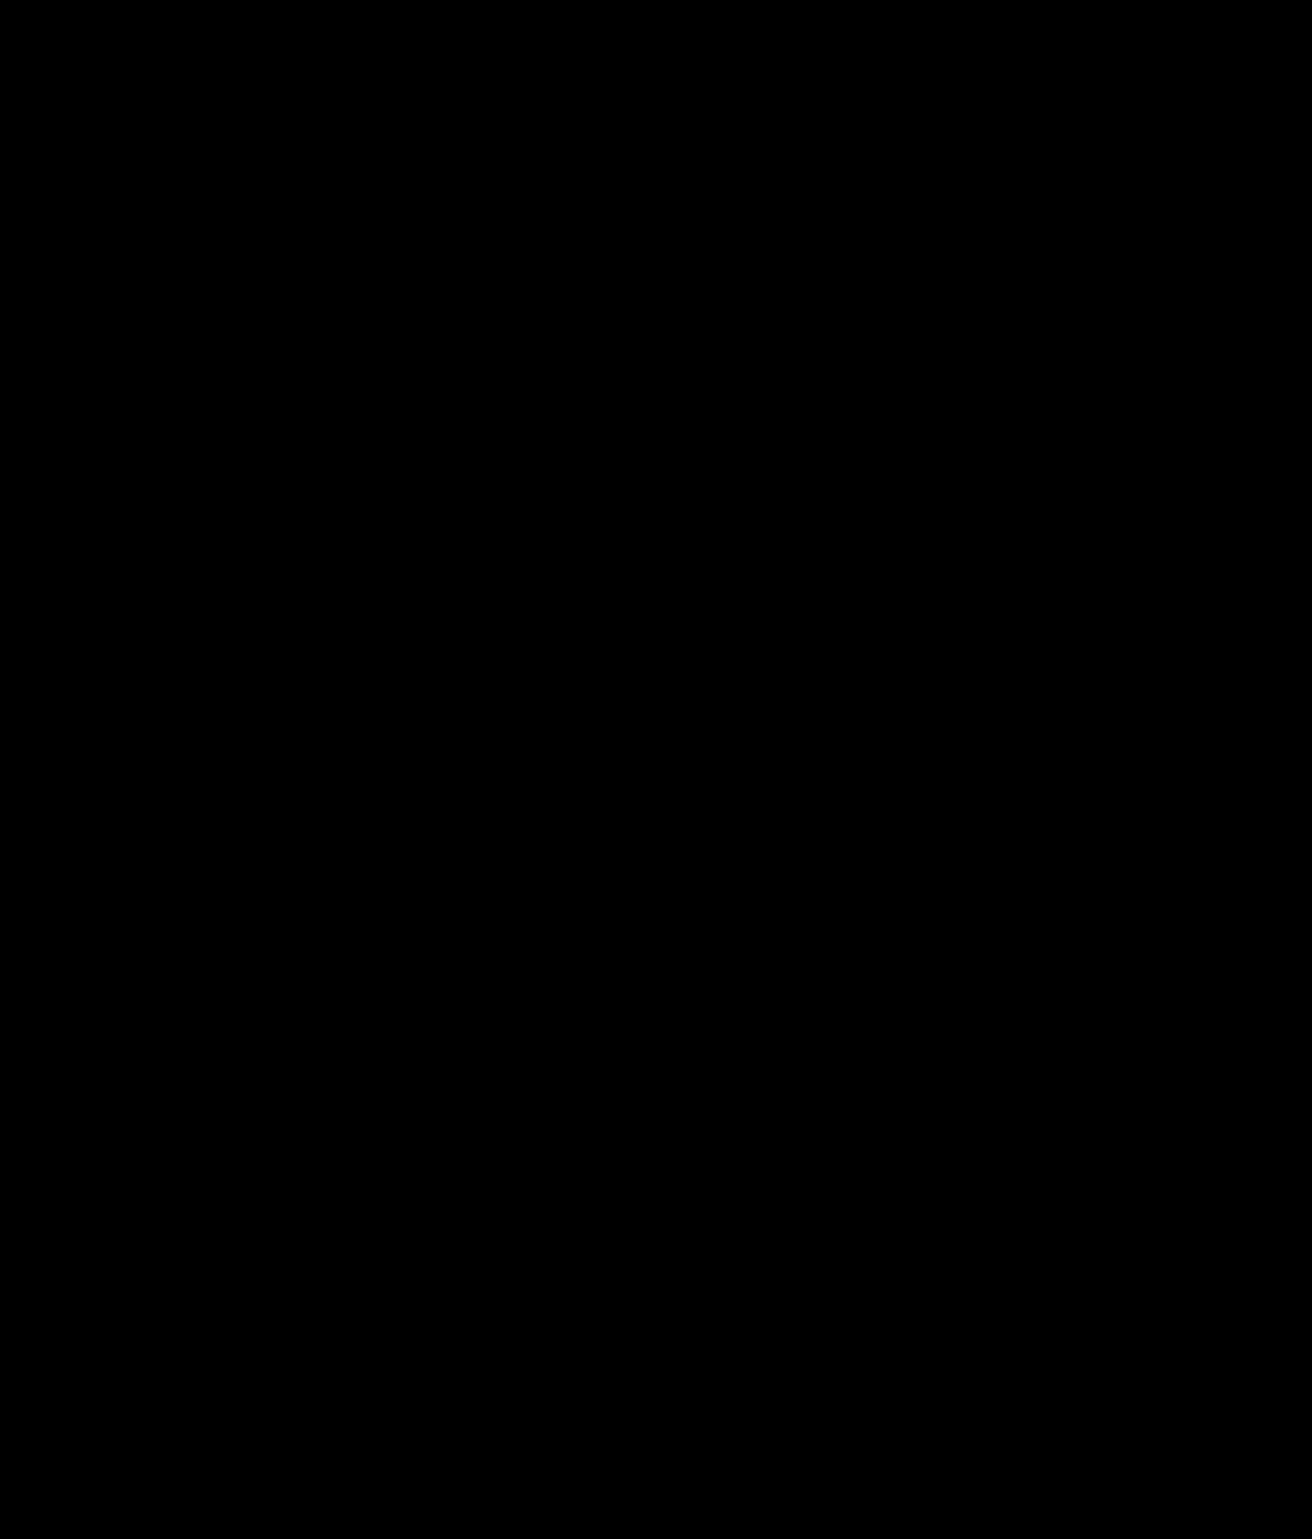 Clipart dragon dragon head. Vector graphics silhouette clip